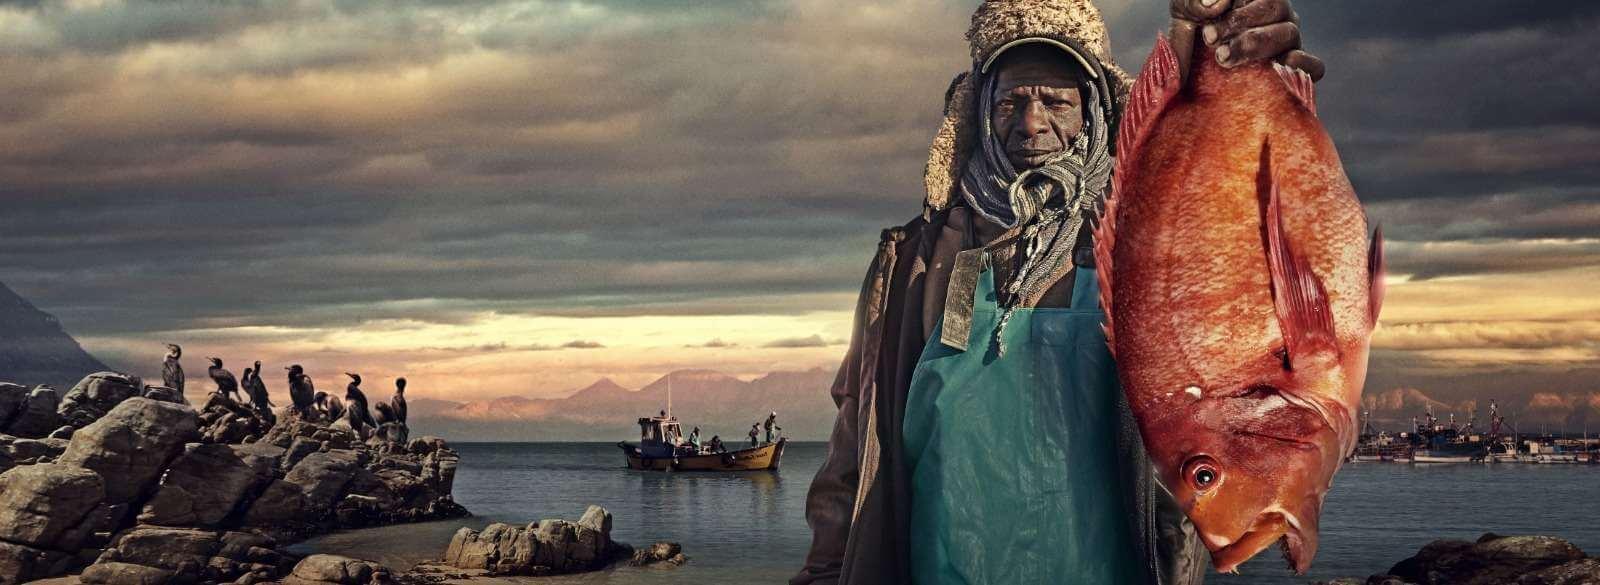 Überfischung bedroht unsere Meere.